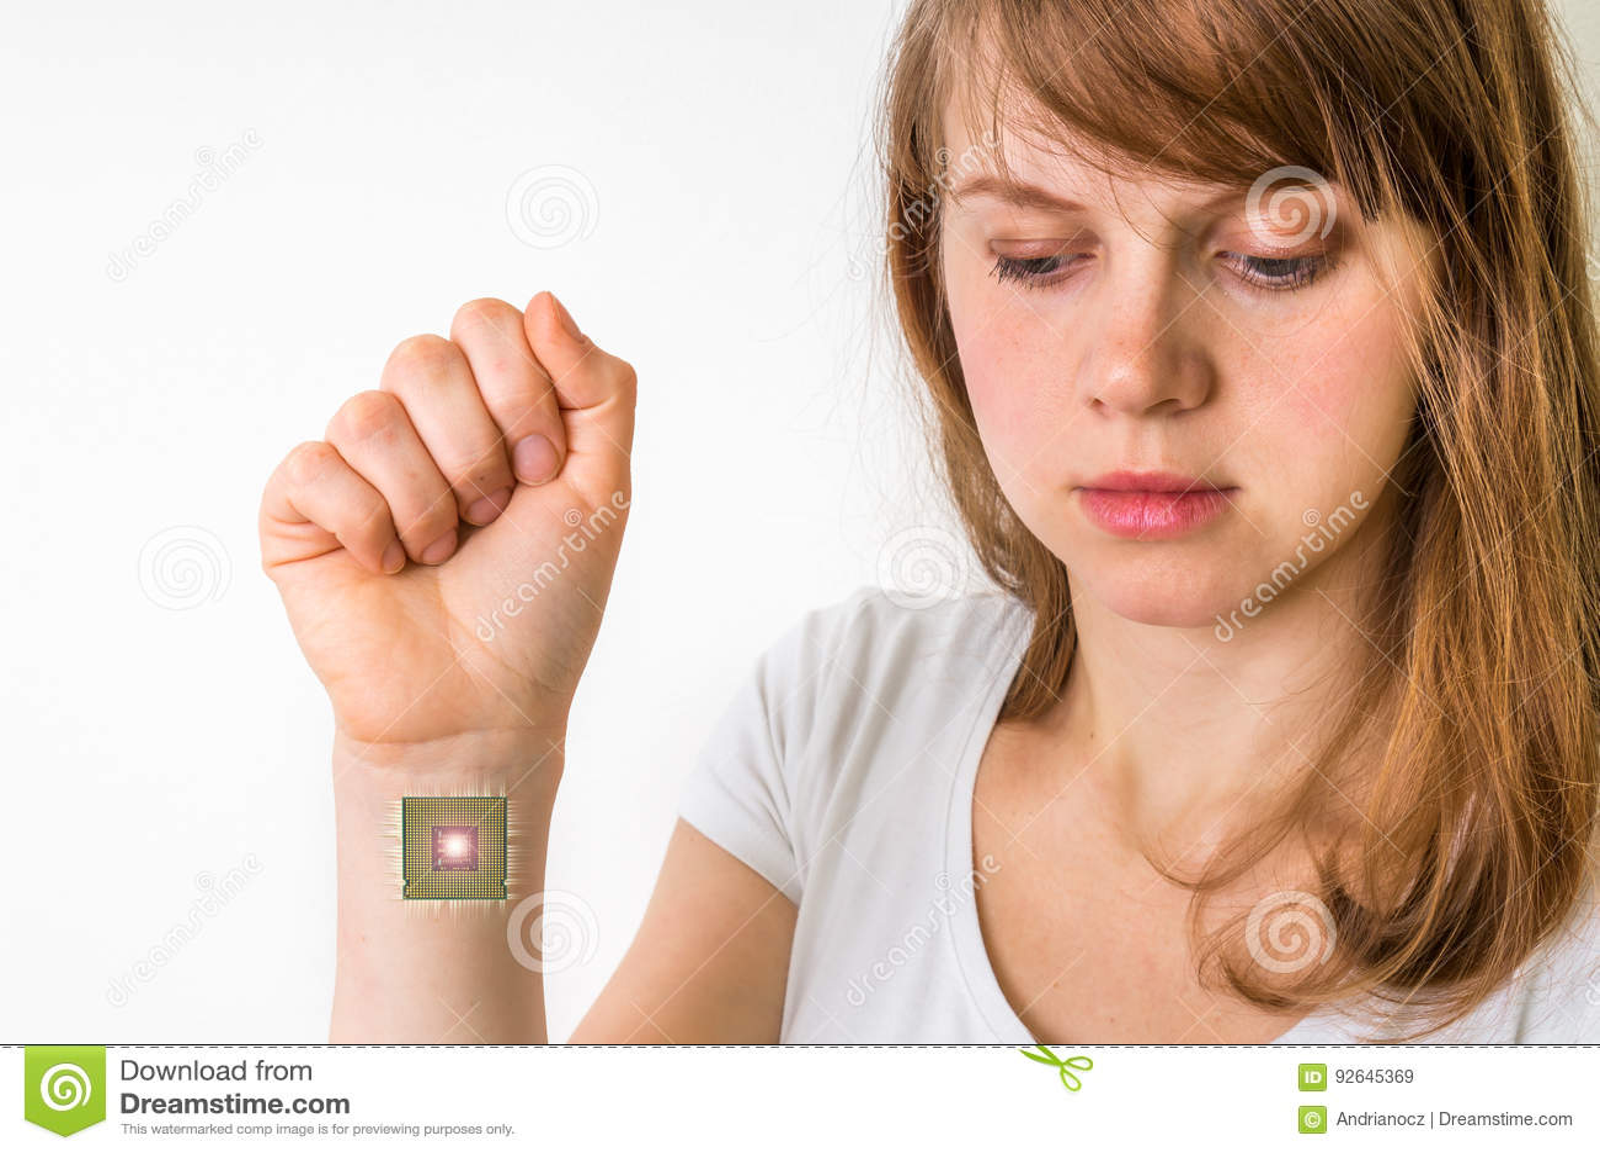 Microplaqueta Bionico Dentro Do Corpo Humano Conceito Da Cibernetica Imagem De Stock Imagem De Humano Conceito 92645369